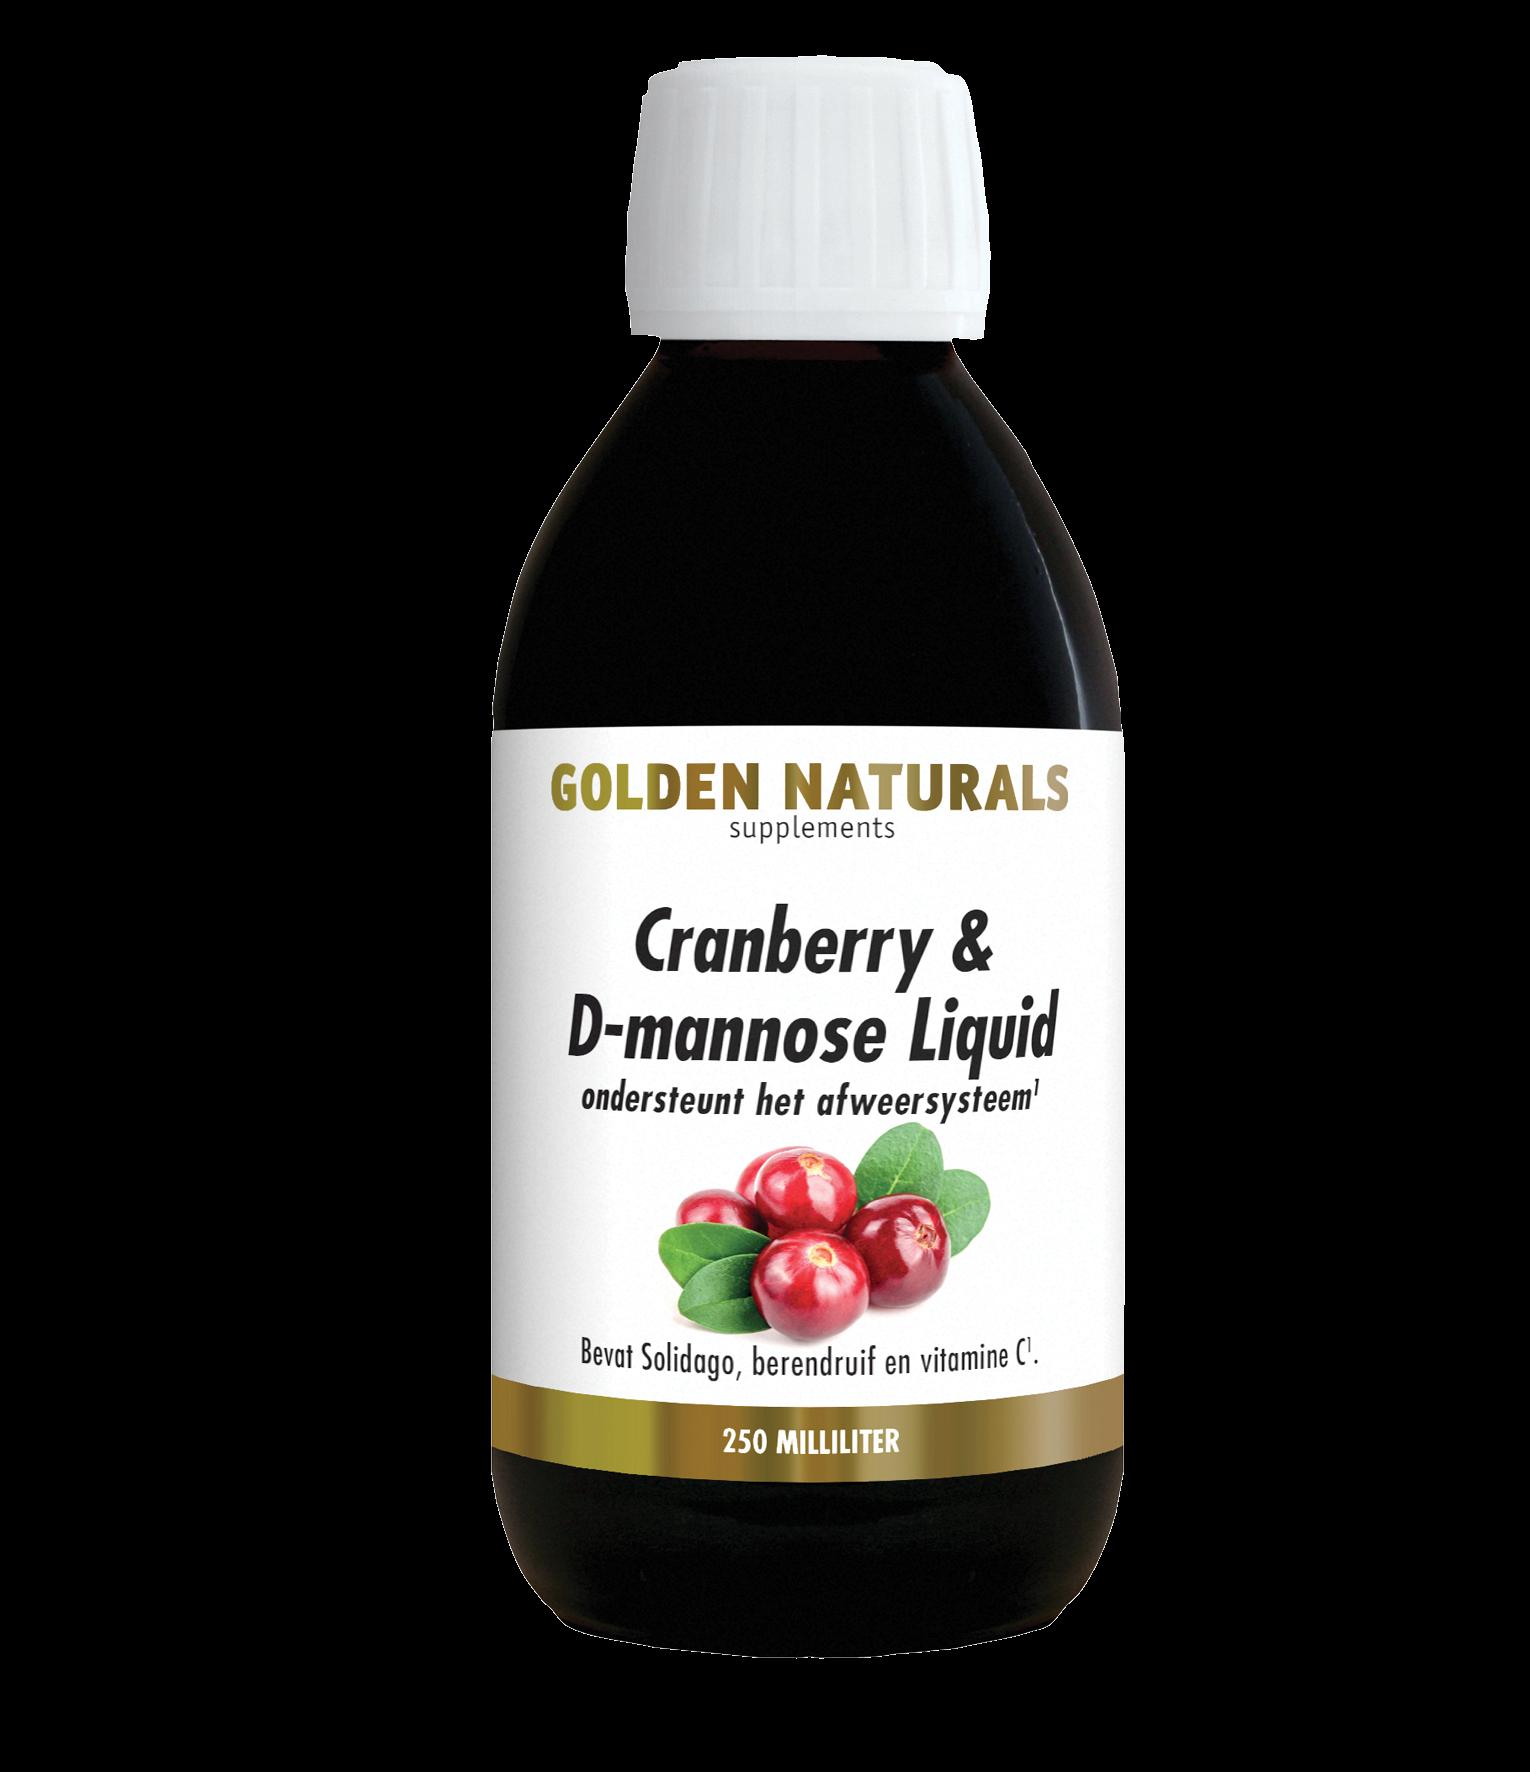 Golden Naturals Cranberry & D-mannose Liquid (250 milliliter)